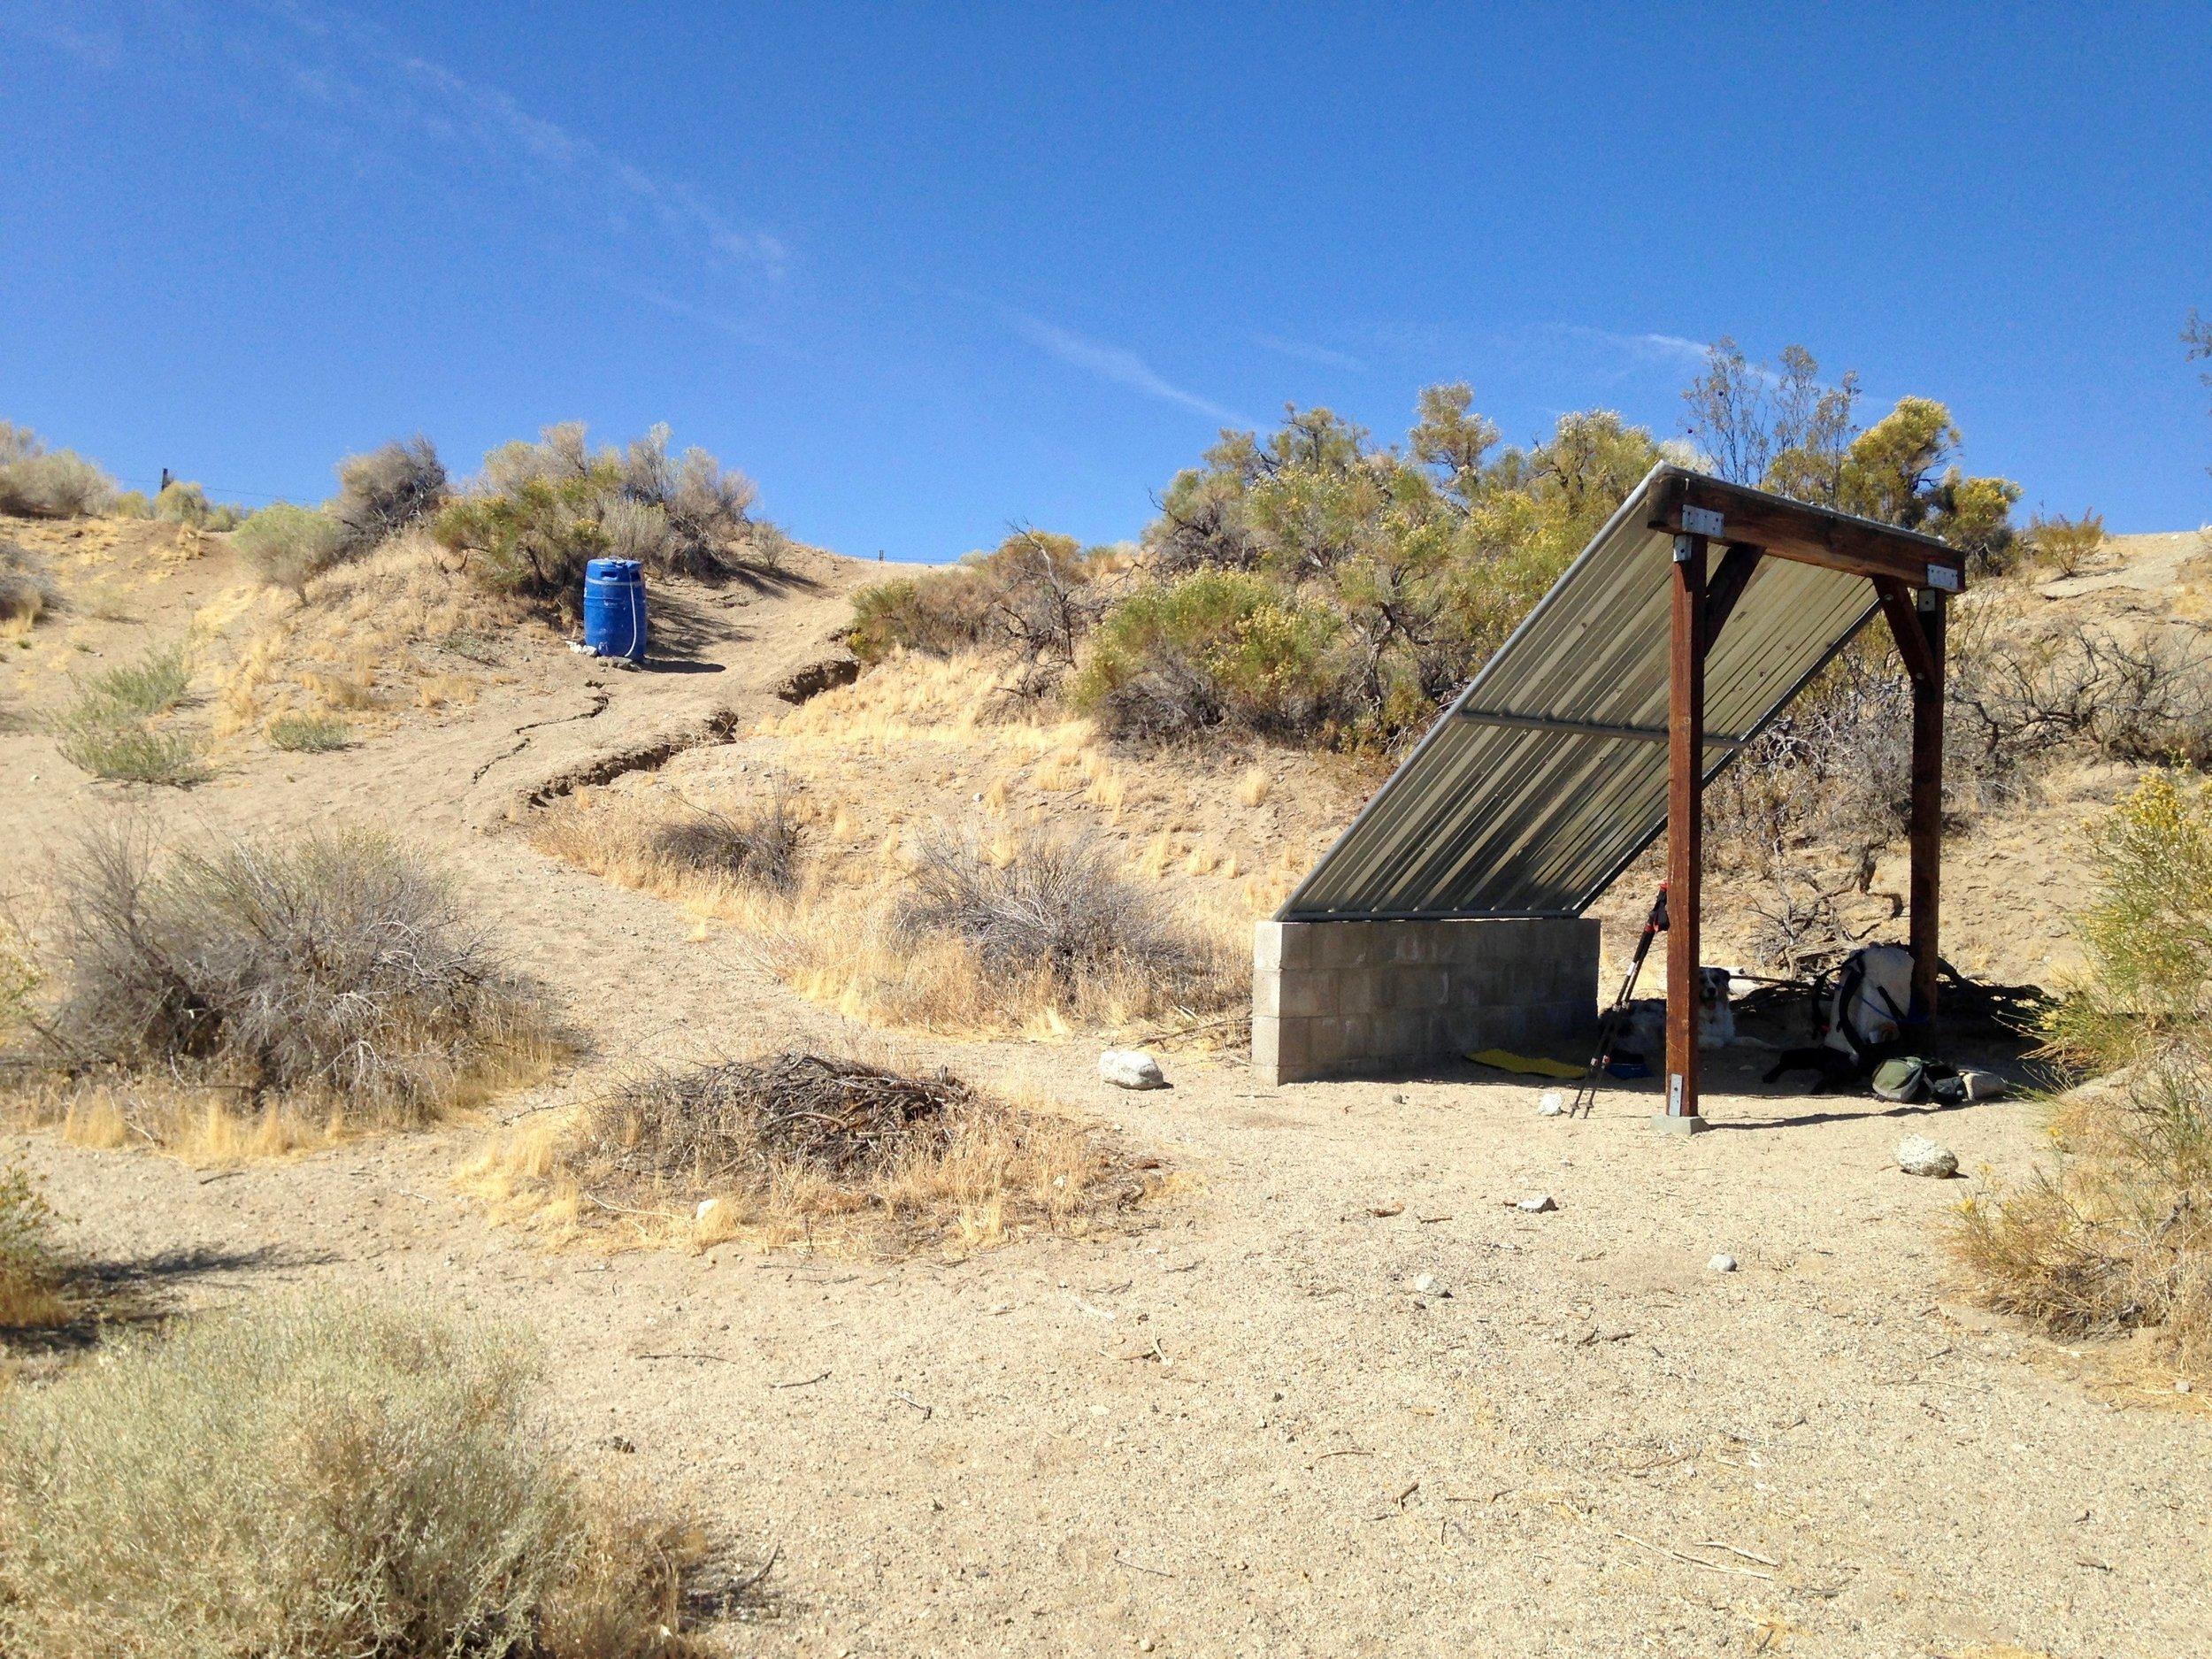 LA Aquaduct - Mojave Desert, CA